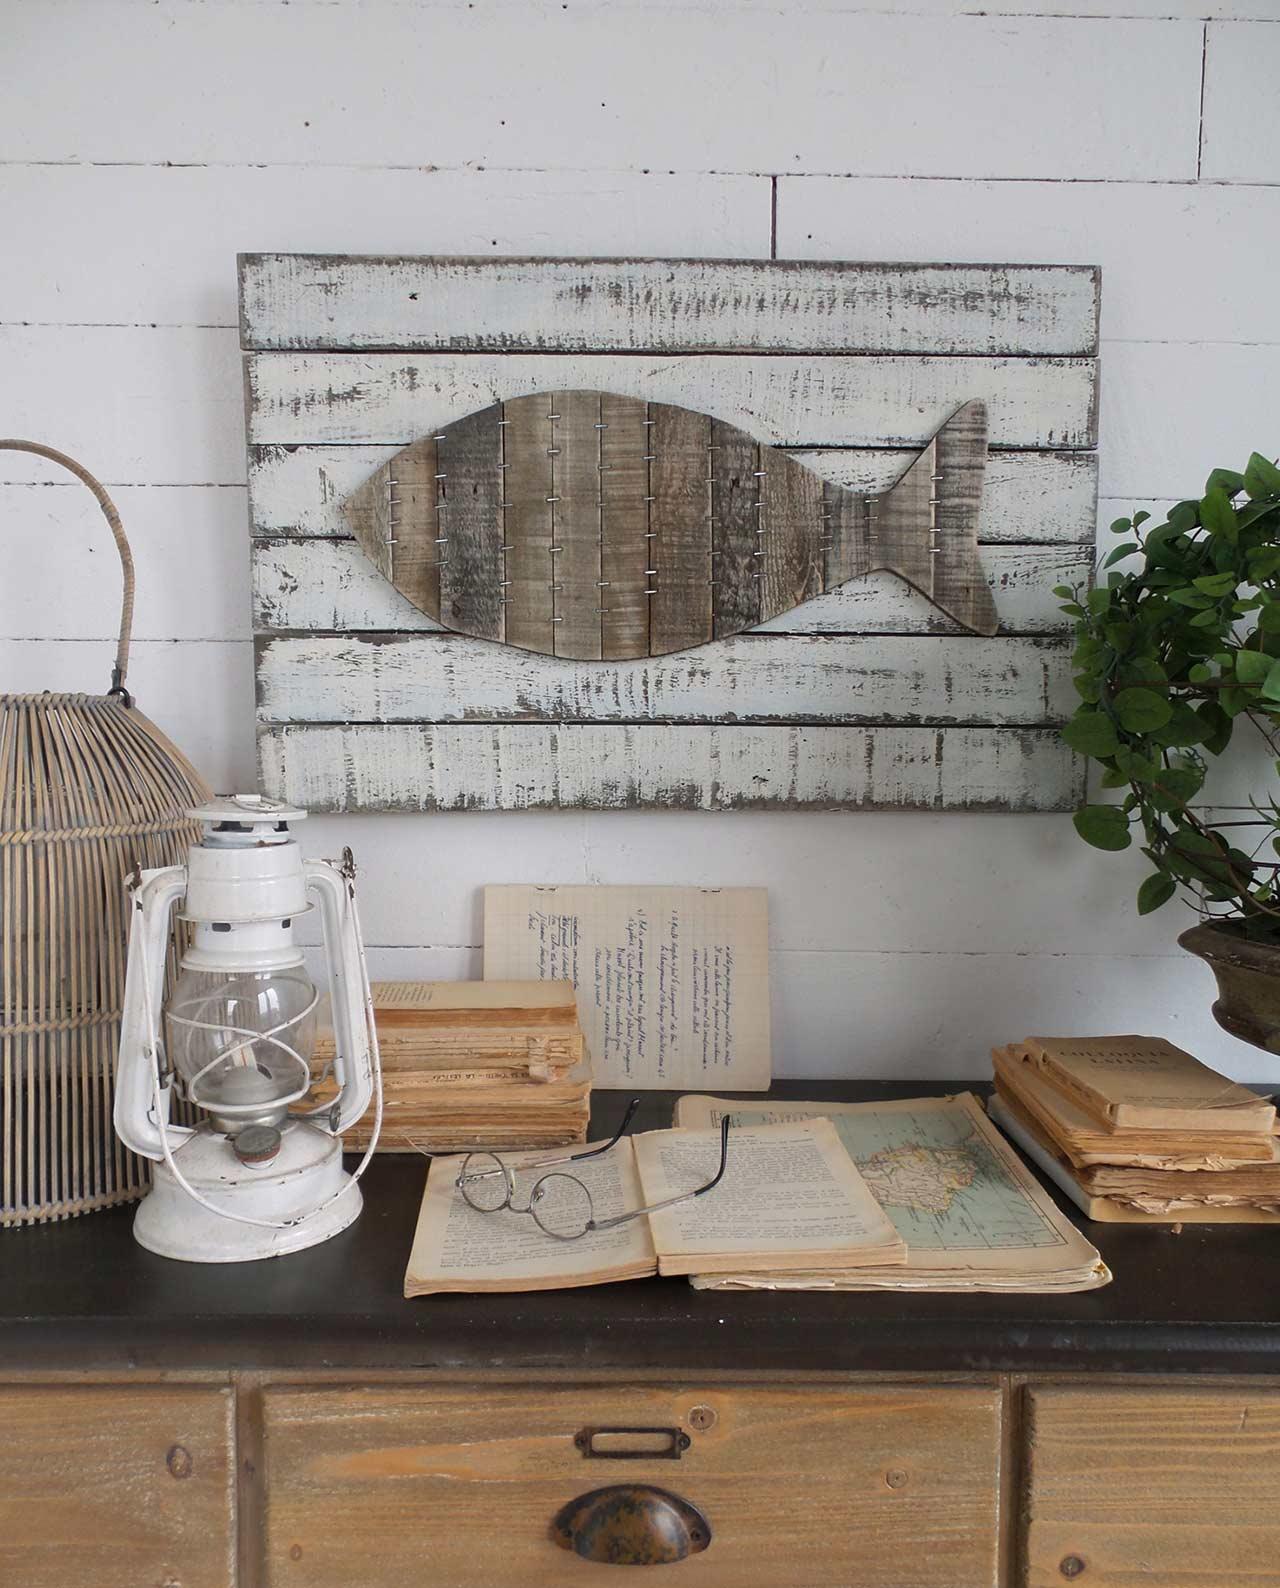 Pannelli decorativi da parete vintage pesce - Pannello decorativo parete ...